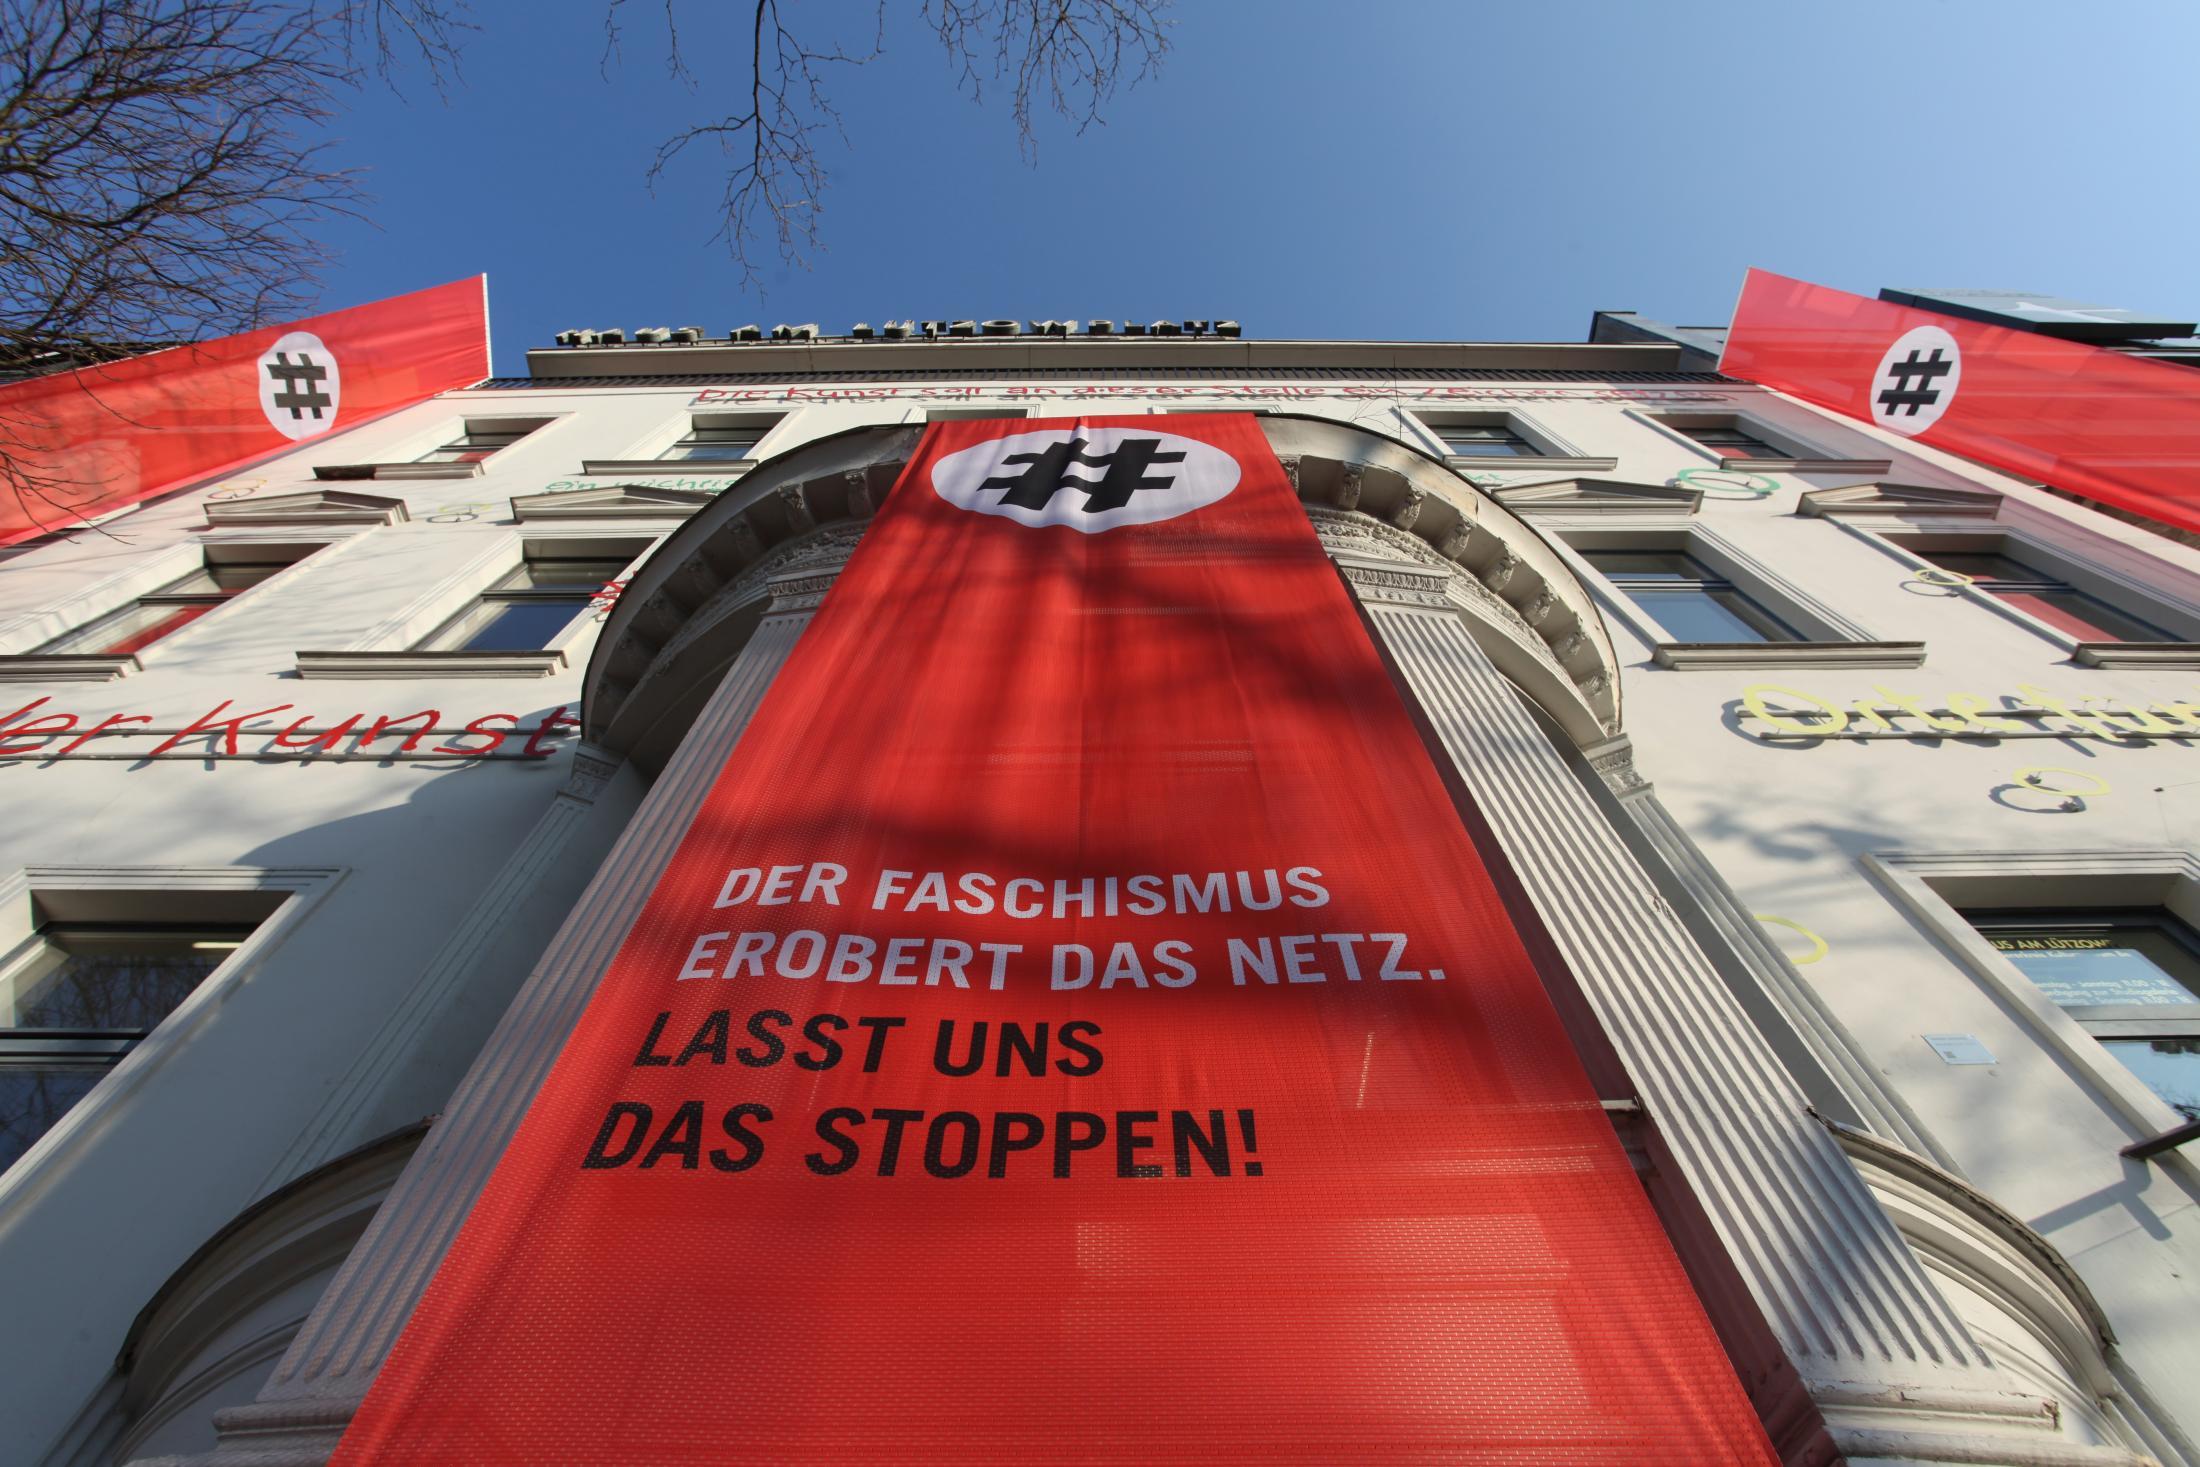 Gesicht Zeigen Film Ad - Fascism Conquers The Internet